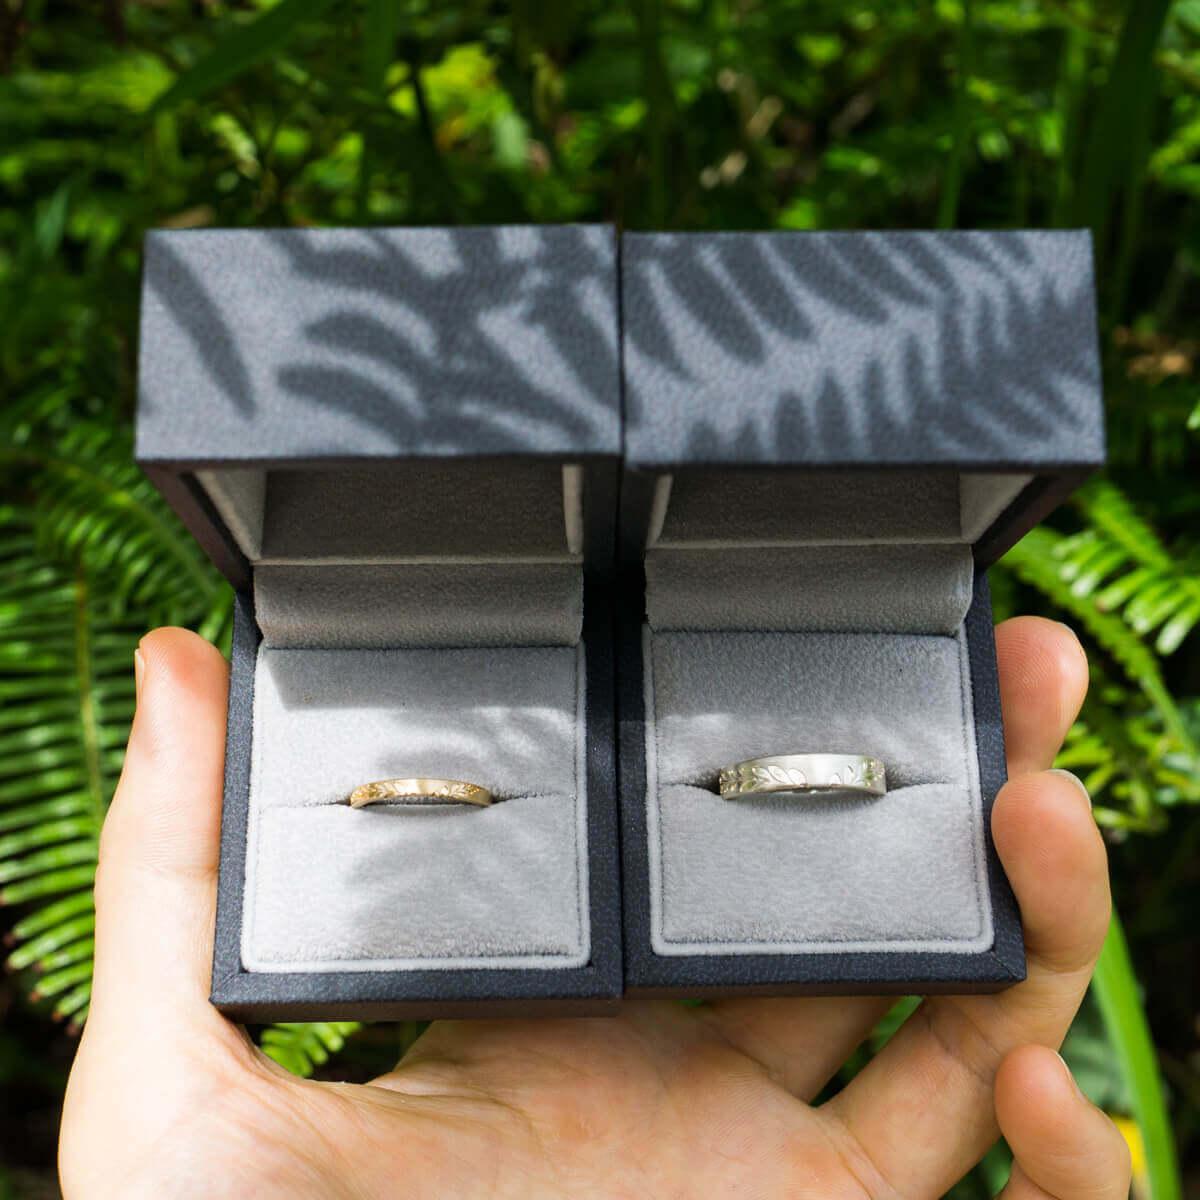 ジュエリーケースの中にオーダーメイドマリッジリング 屋久島のシダの影 シルバー、ゴールド 屋久島でつくる結婚指輪